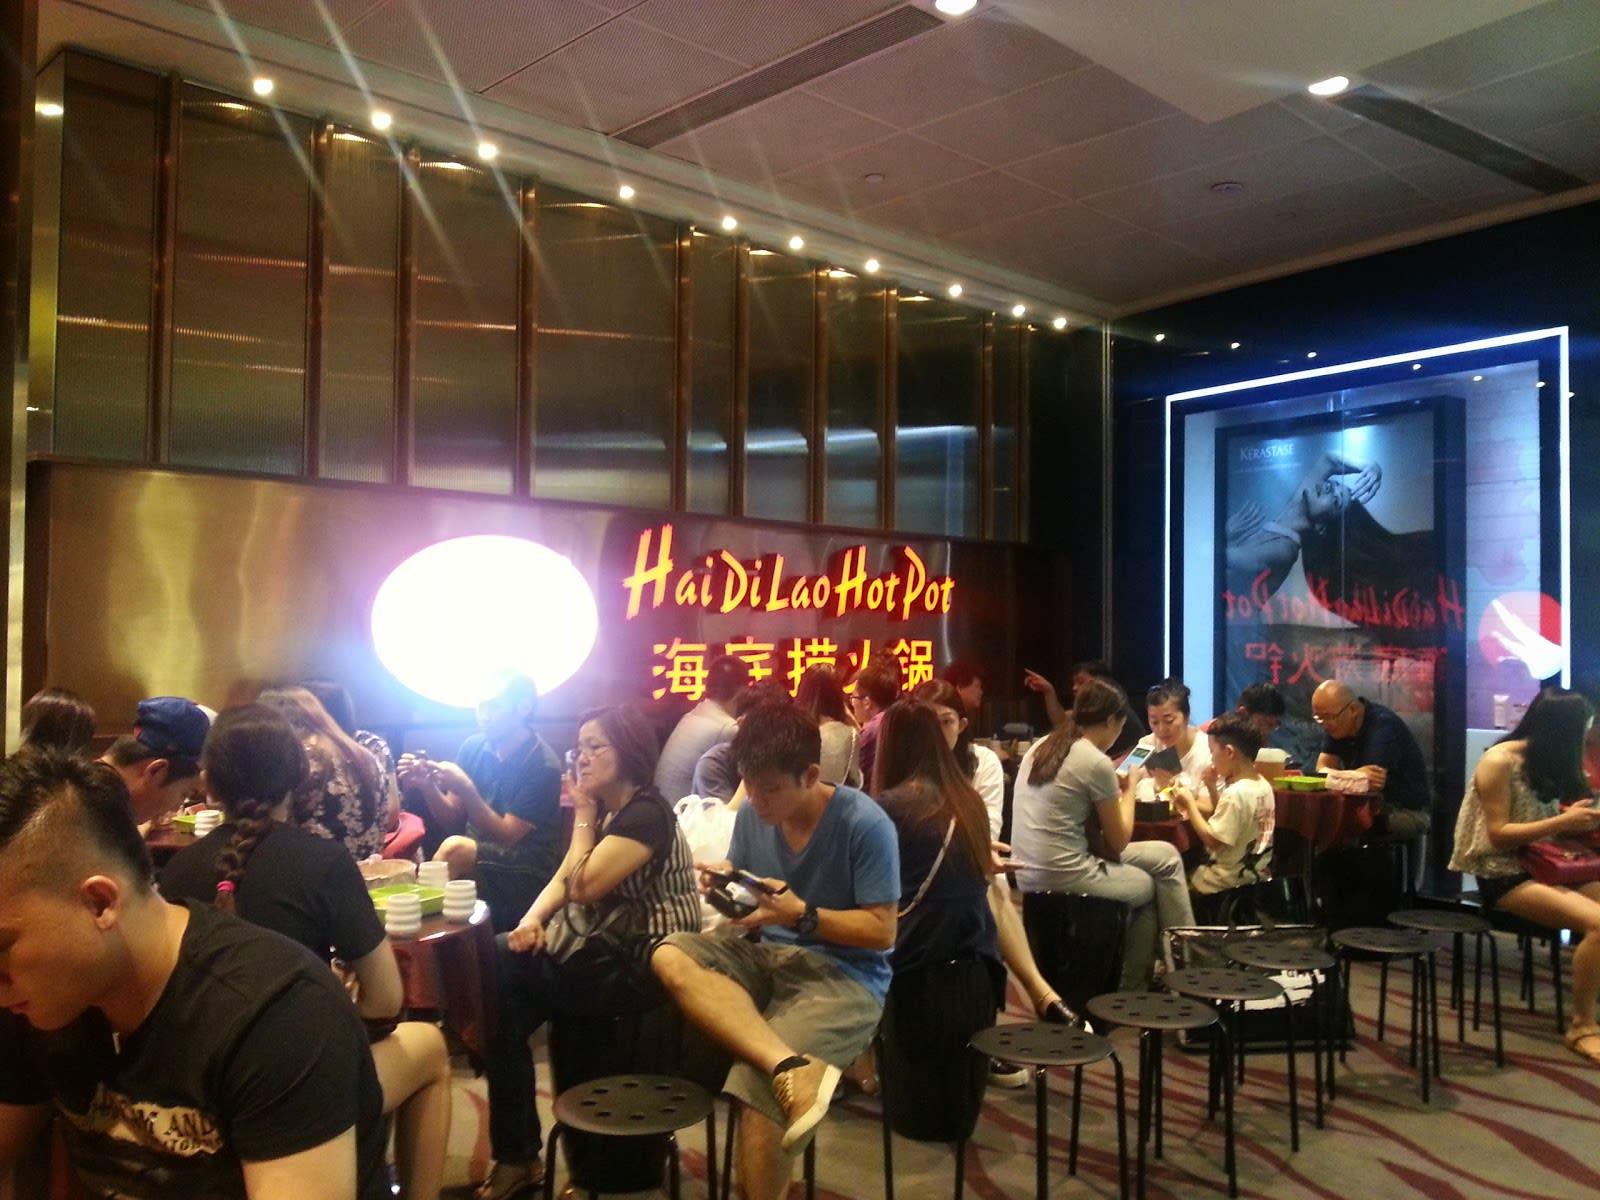 ăn tối tại hai di lao trong lịch trình đi singapore cho nhóm bạn